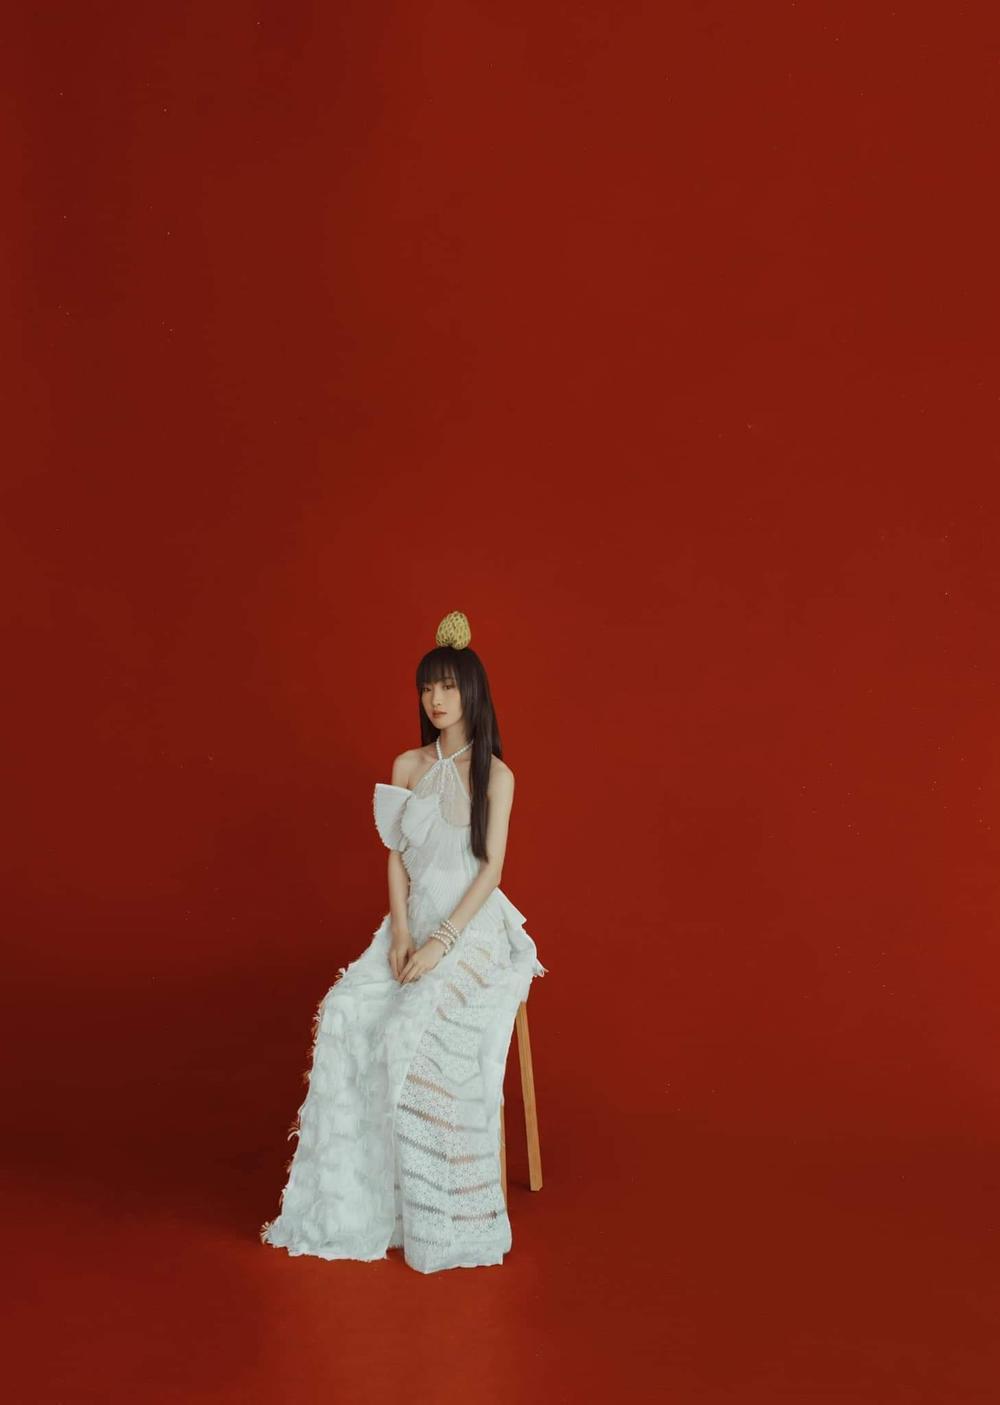 Juky San hoá nàng thơ tao nhã, đẹp thoát tục mơ màng giữa tiết Xuân Ảnh 6